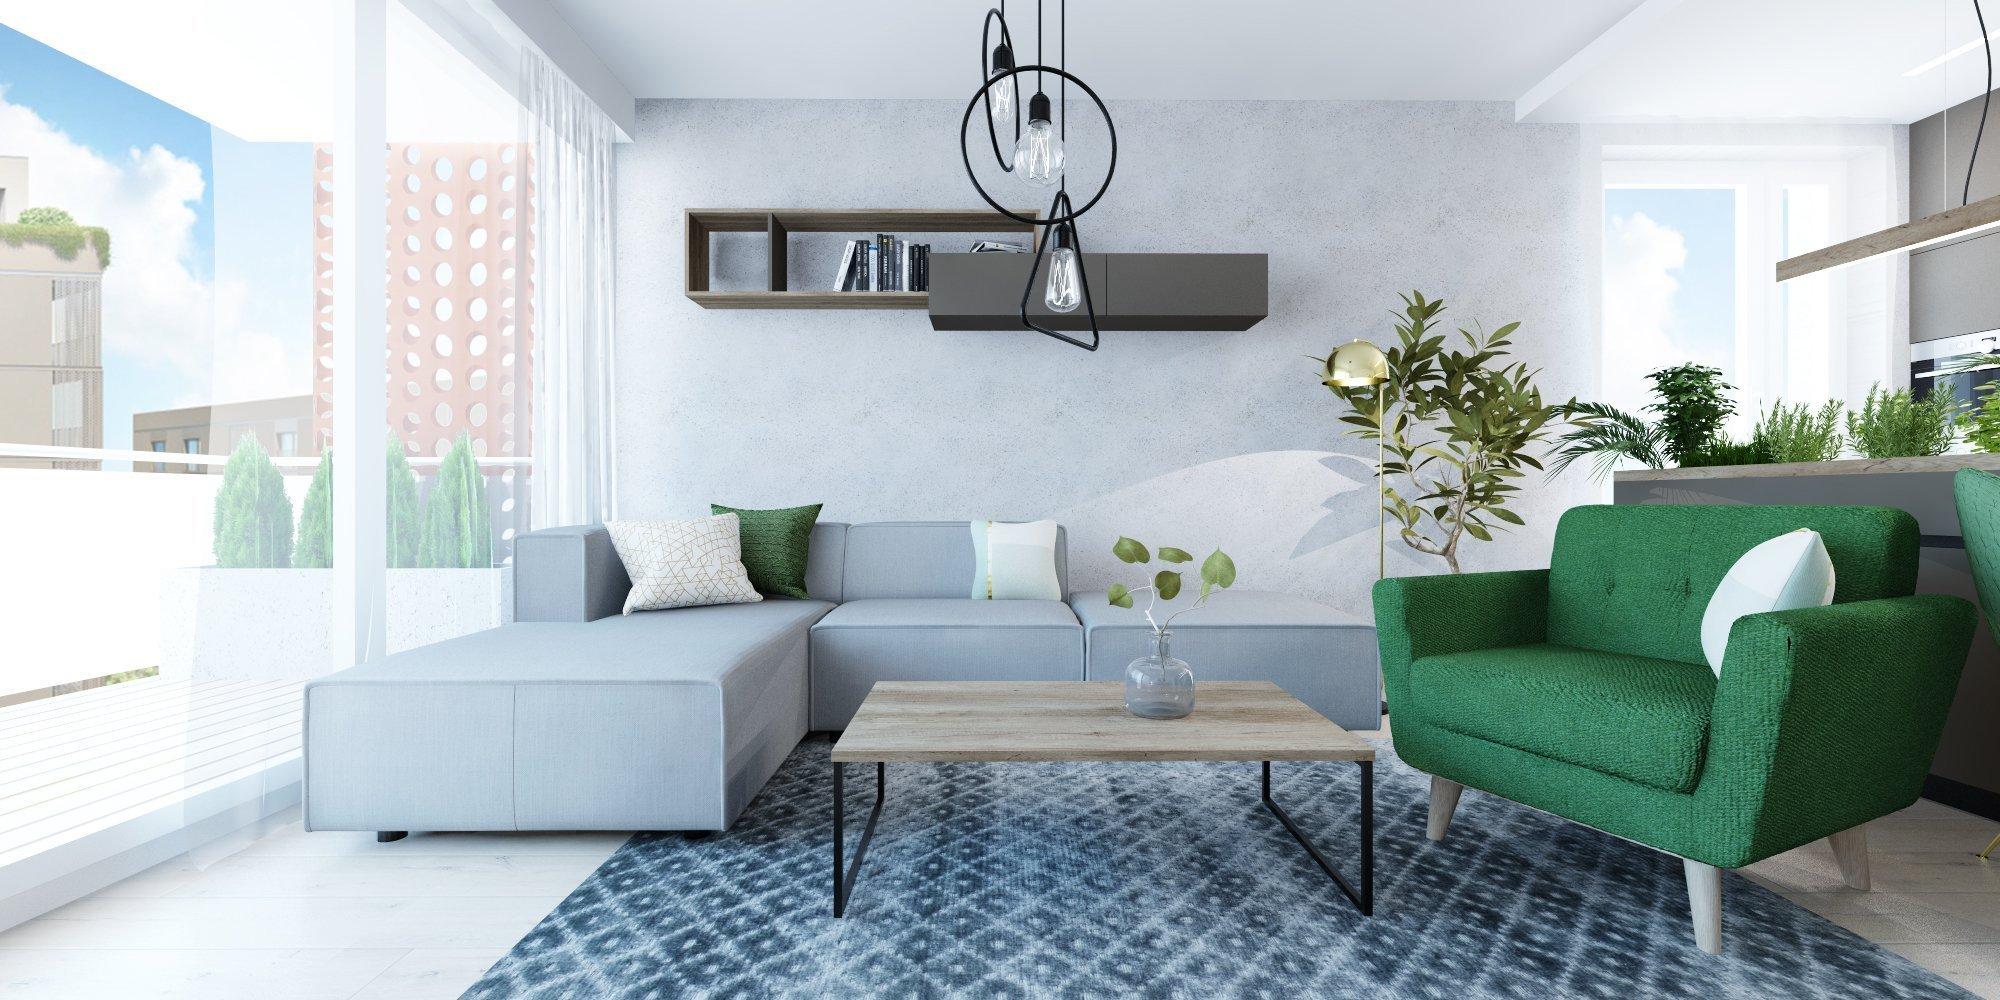 Interiér v zemitých farbách s akcentujúcou zelenou v projekte Rezidencie pri Mýte v Bratislave